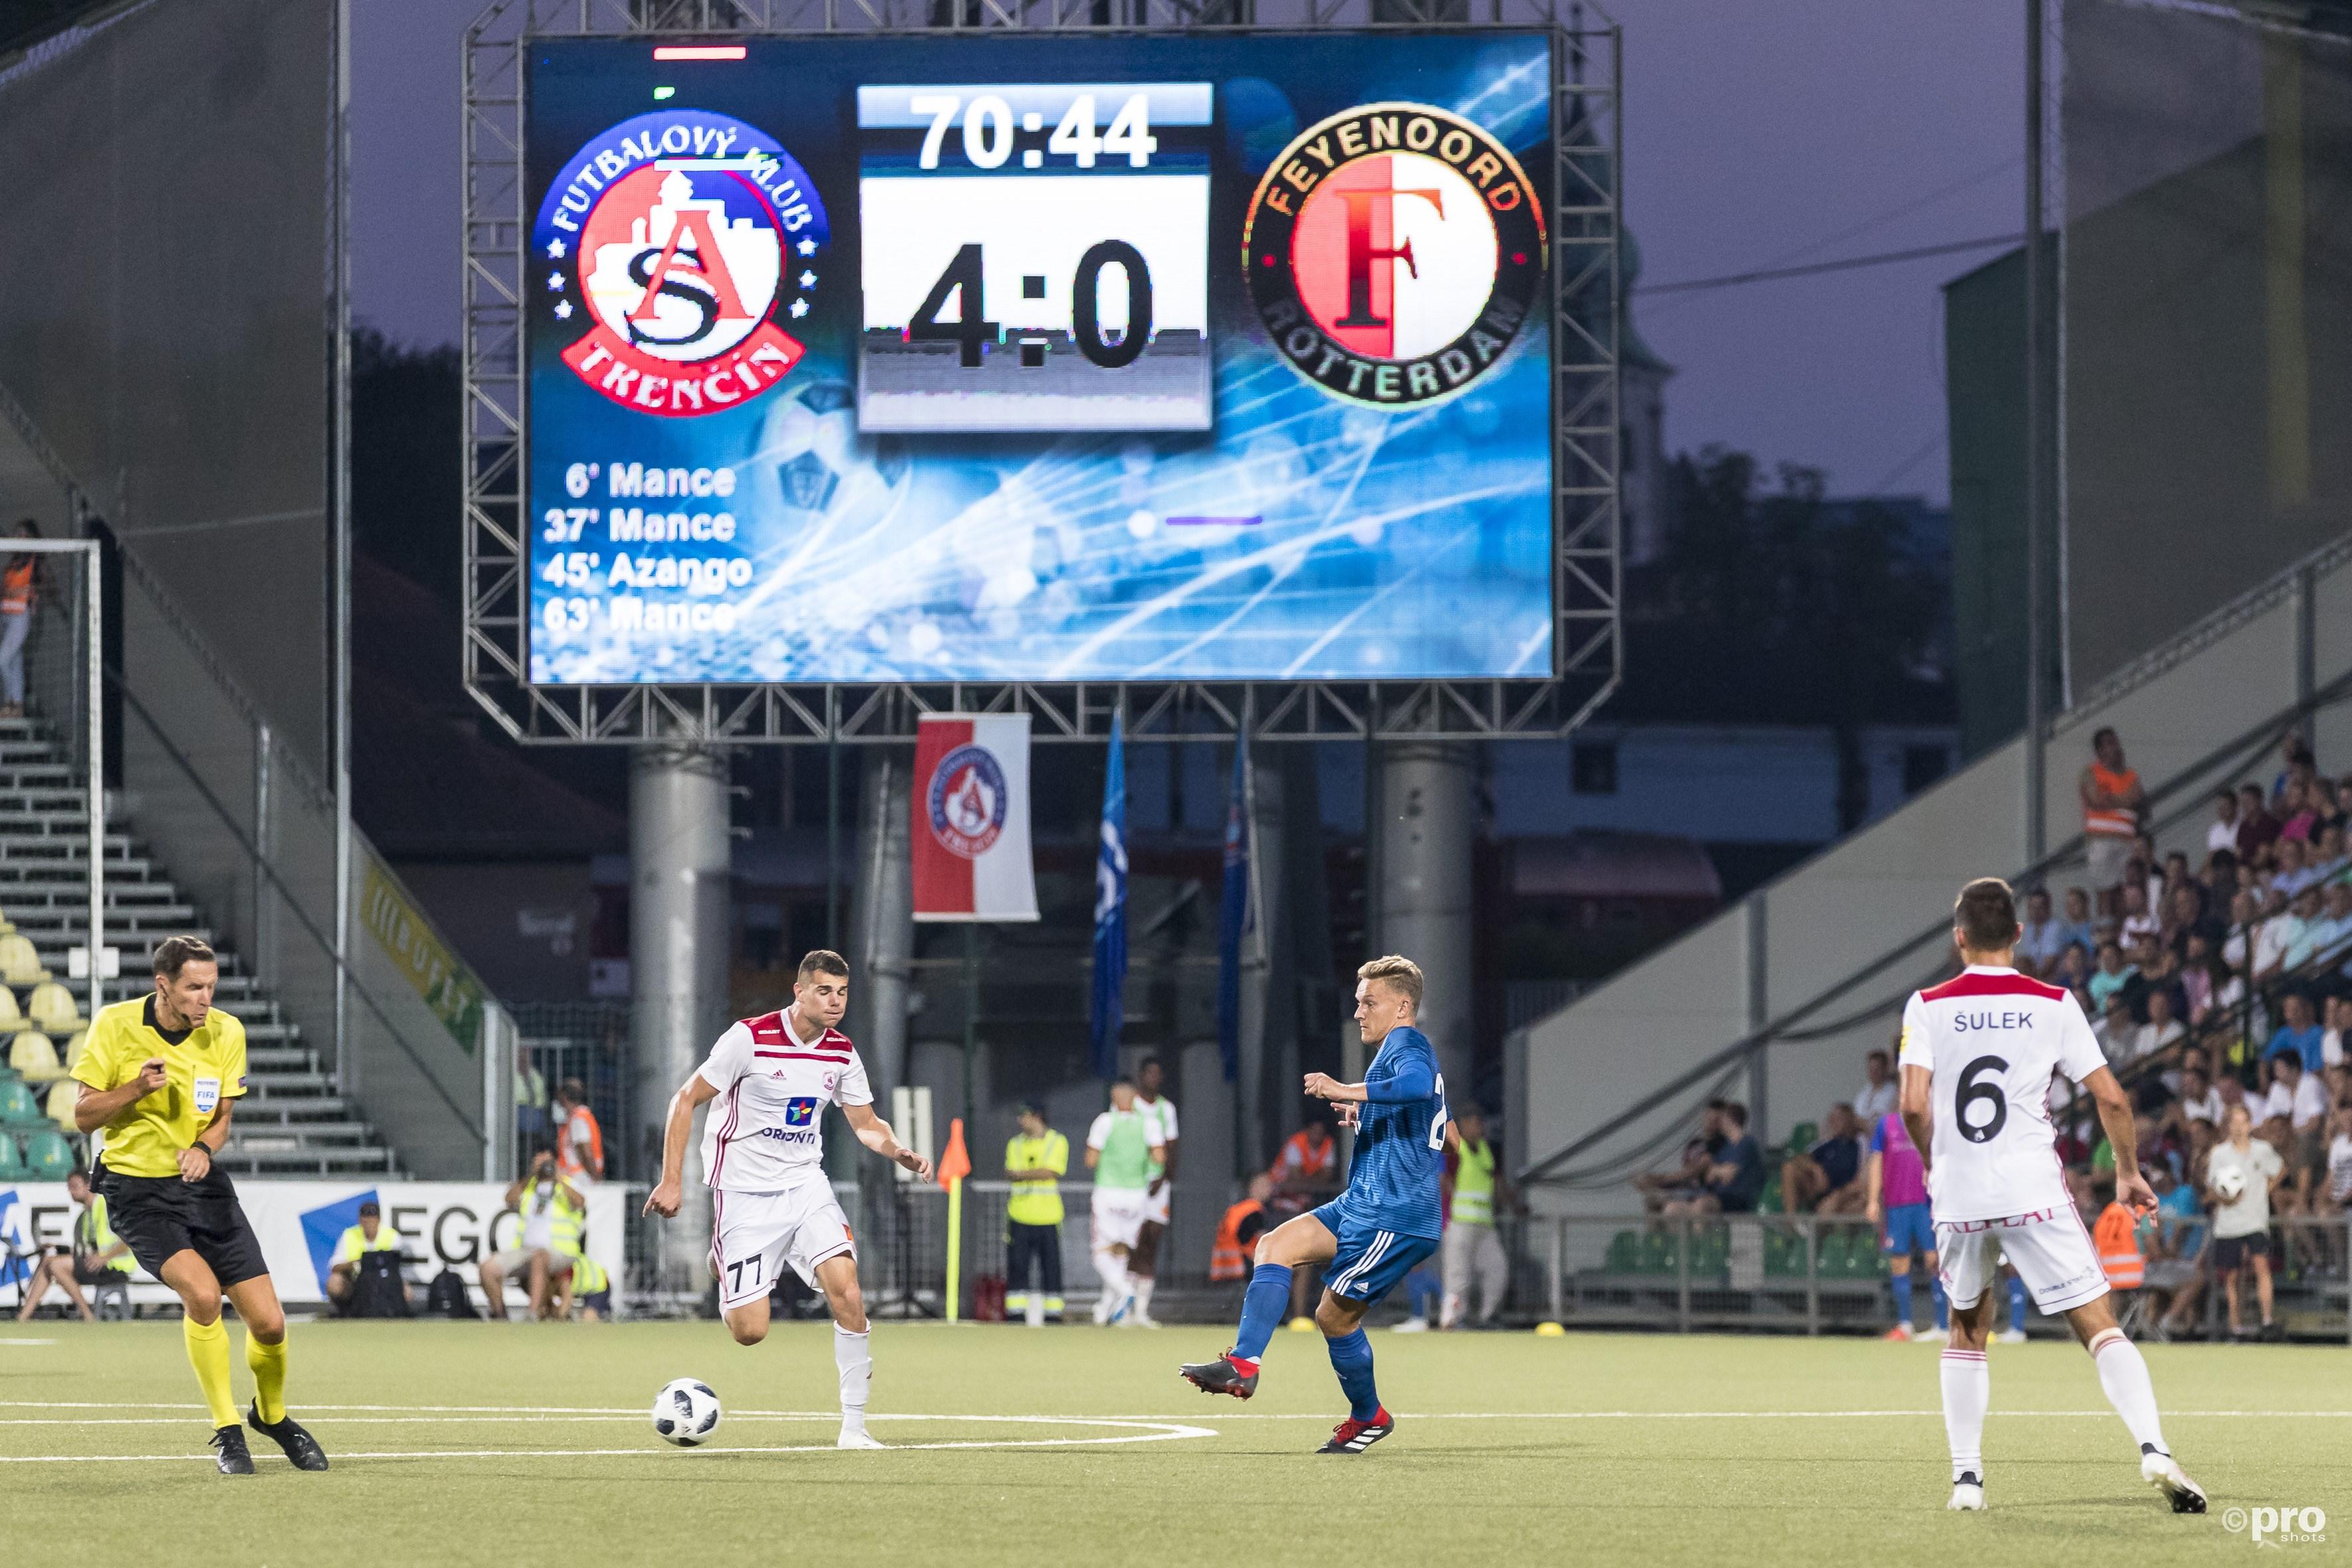 Feyenoord met 4-0 onderuit tegen AS Trencin (Pro Shots / Marcel van Dorst)